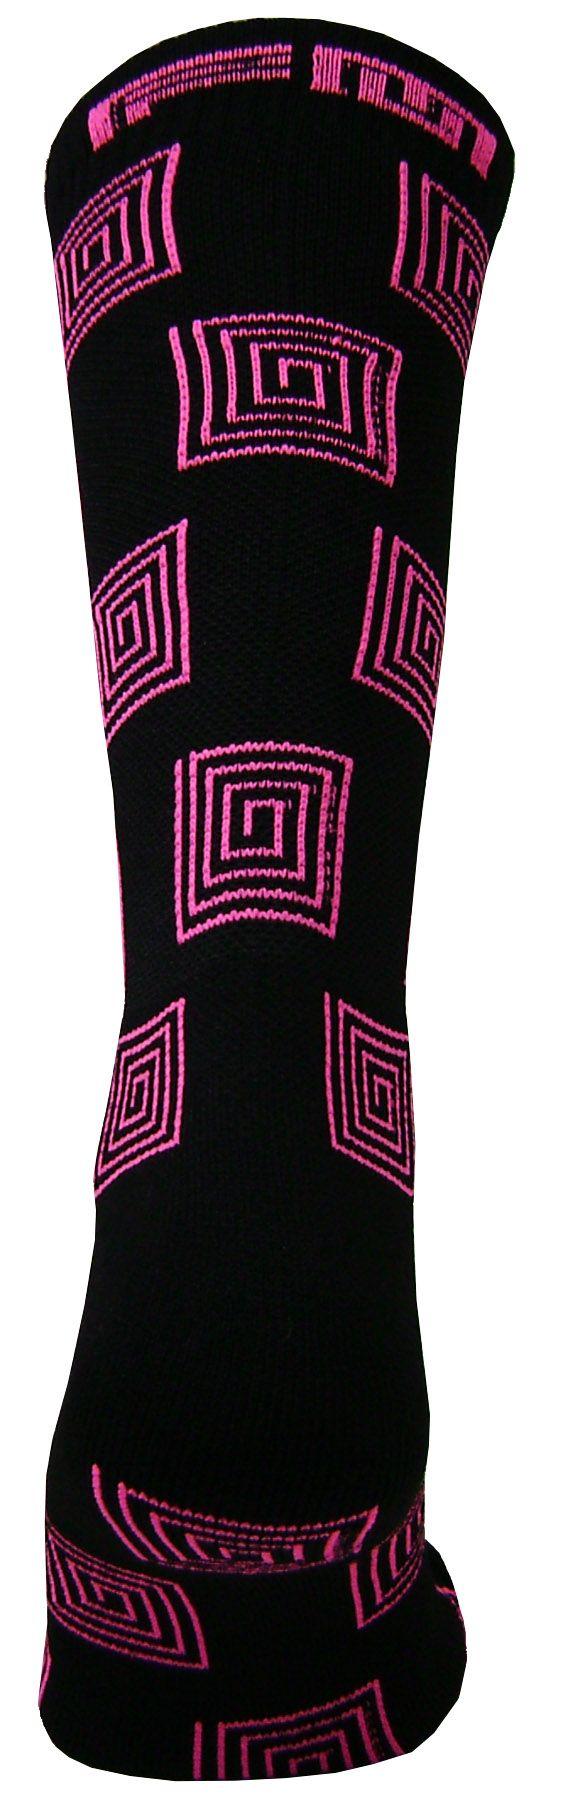 Par de meia Compressão cano médio  - Espiral preto com rosa